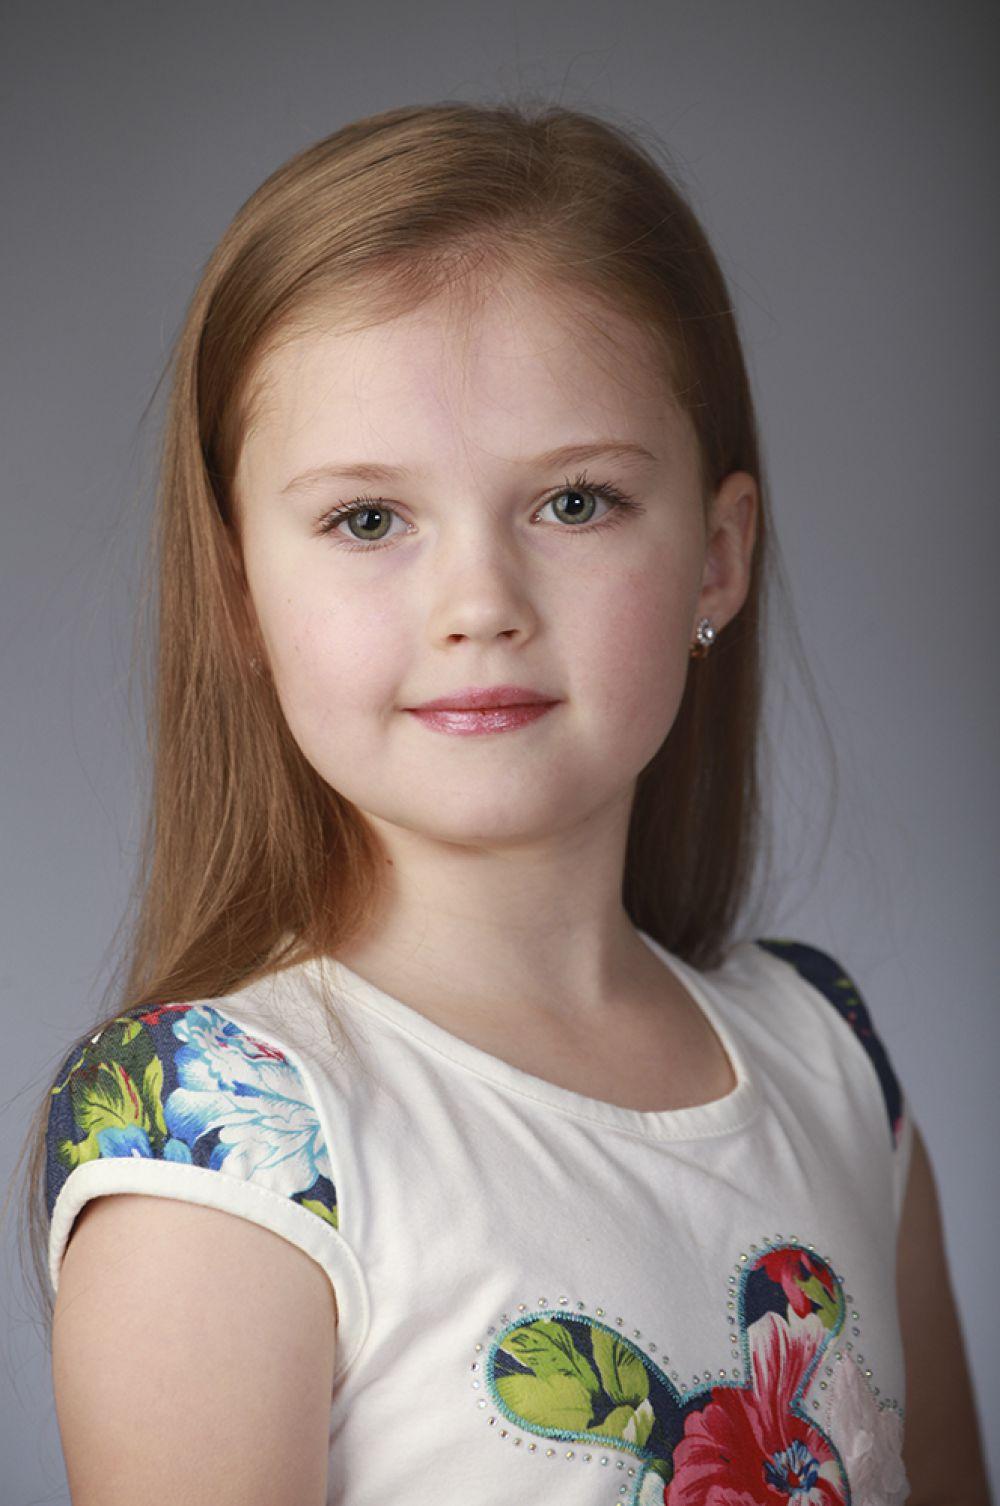 Анастасия Нагорничных, 7 лет, 8-ой конкурс красоты и талантов  «Маленькая Мисс Вятка-2016». Младшая группа.